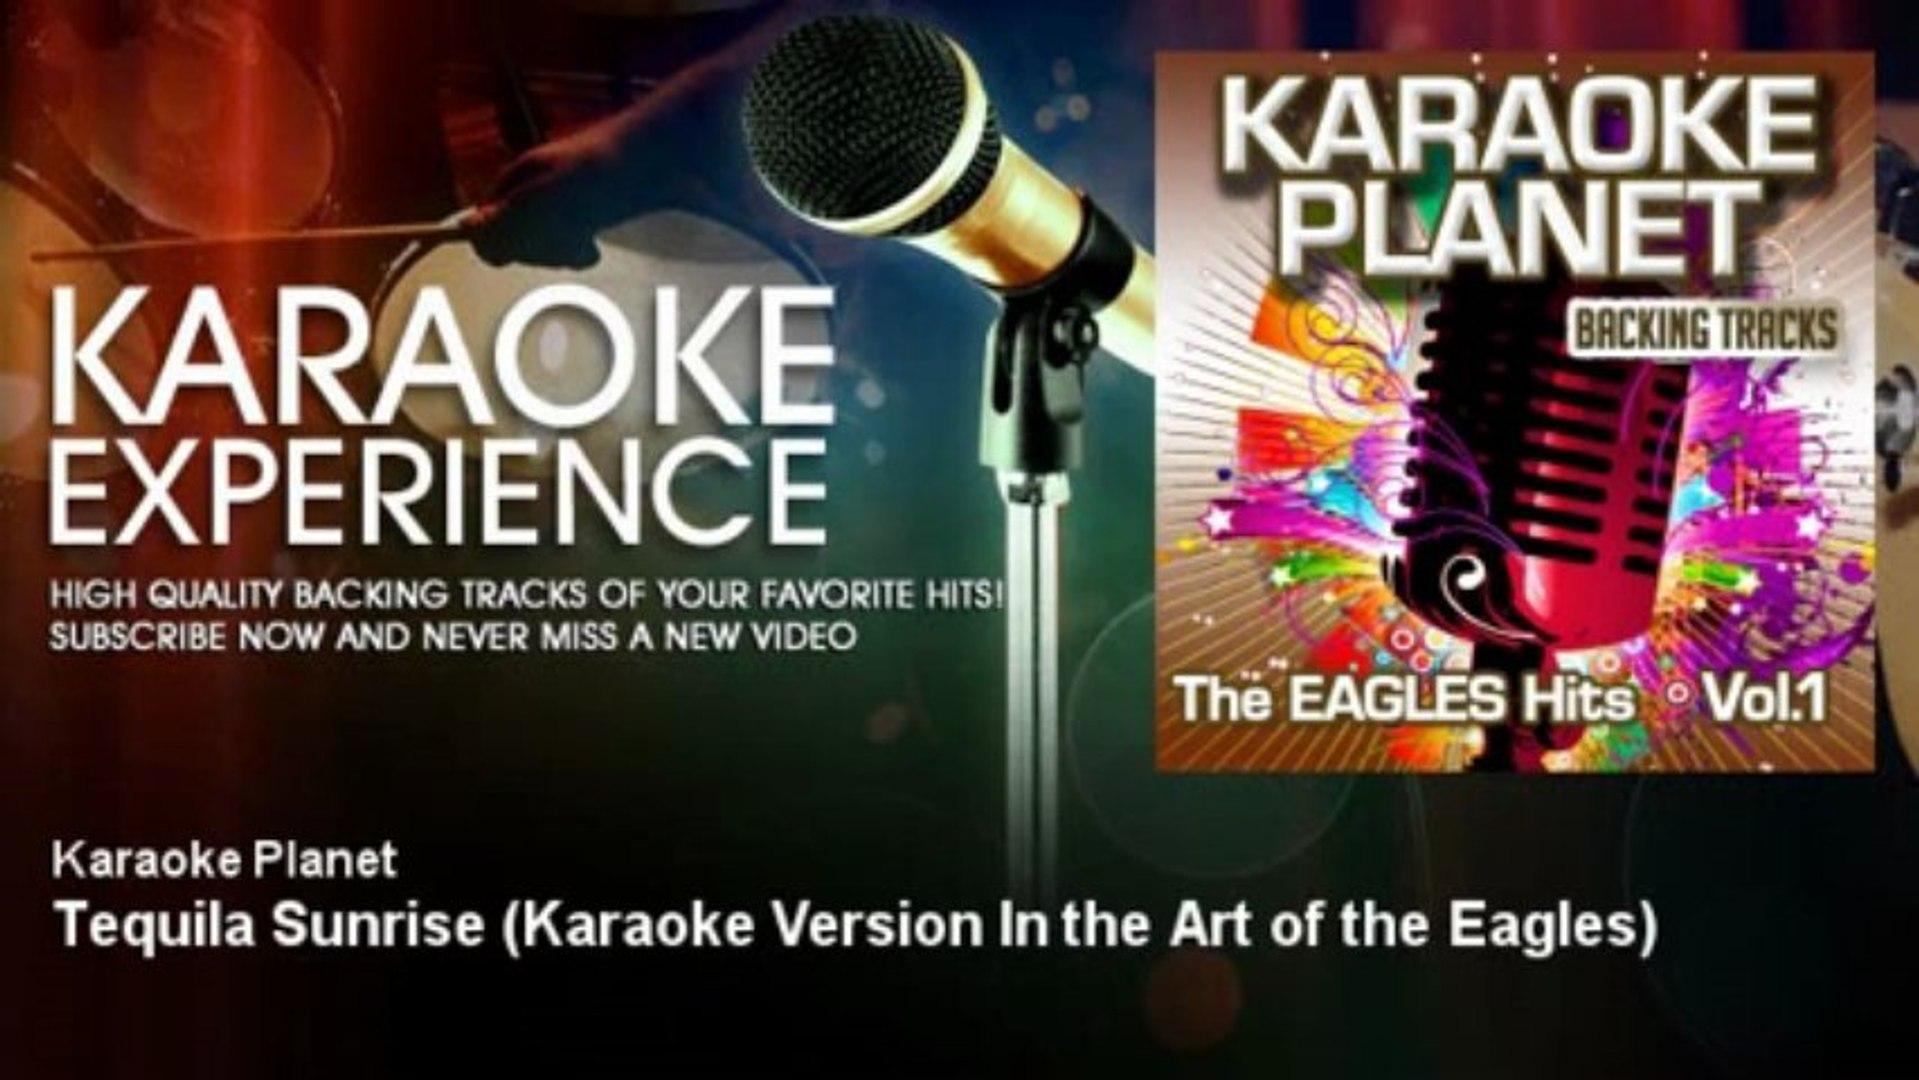 Karaoke tequila